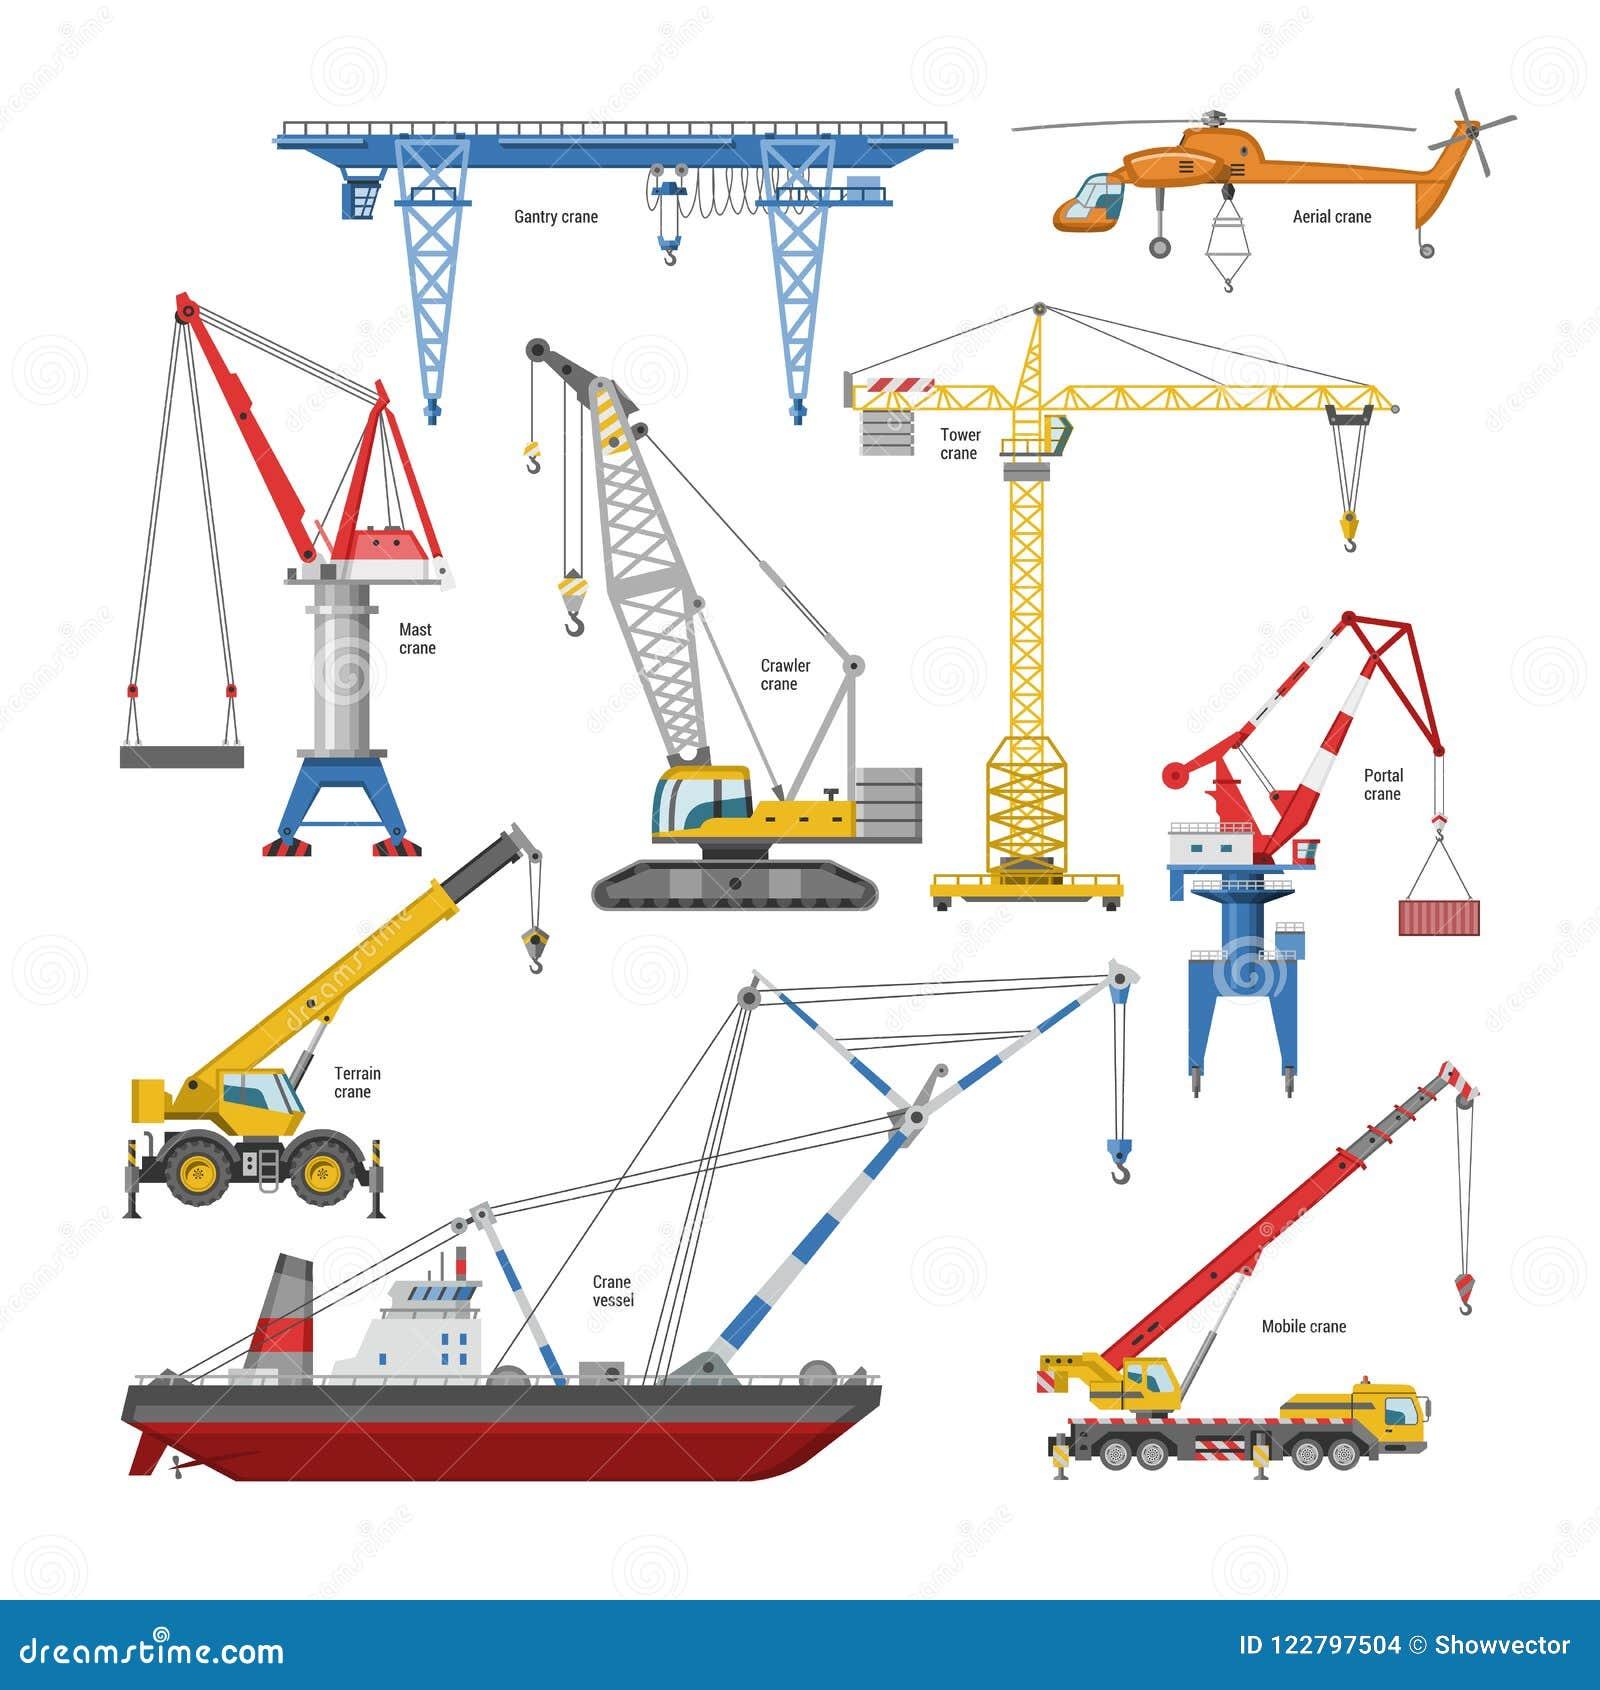 Crane el equipo de la torre-grúa del vector y del edificio industrial o el sistema del ejemplo del constructiontechnics del alto